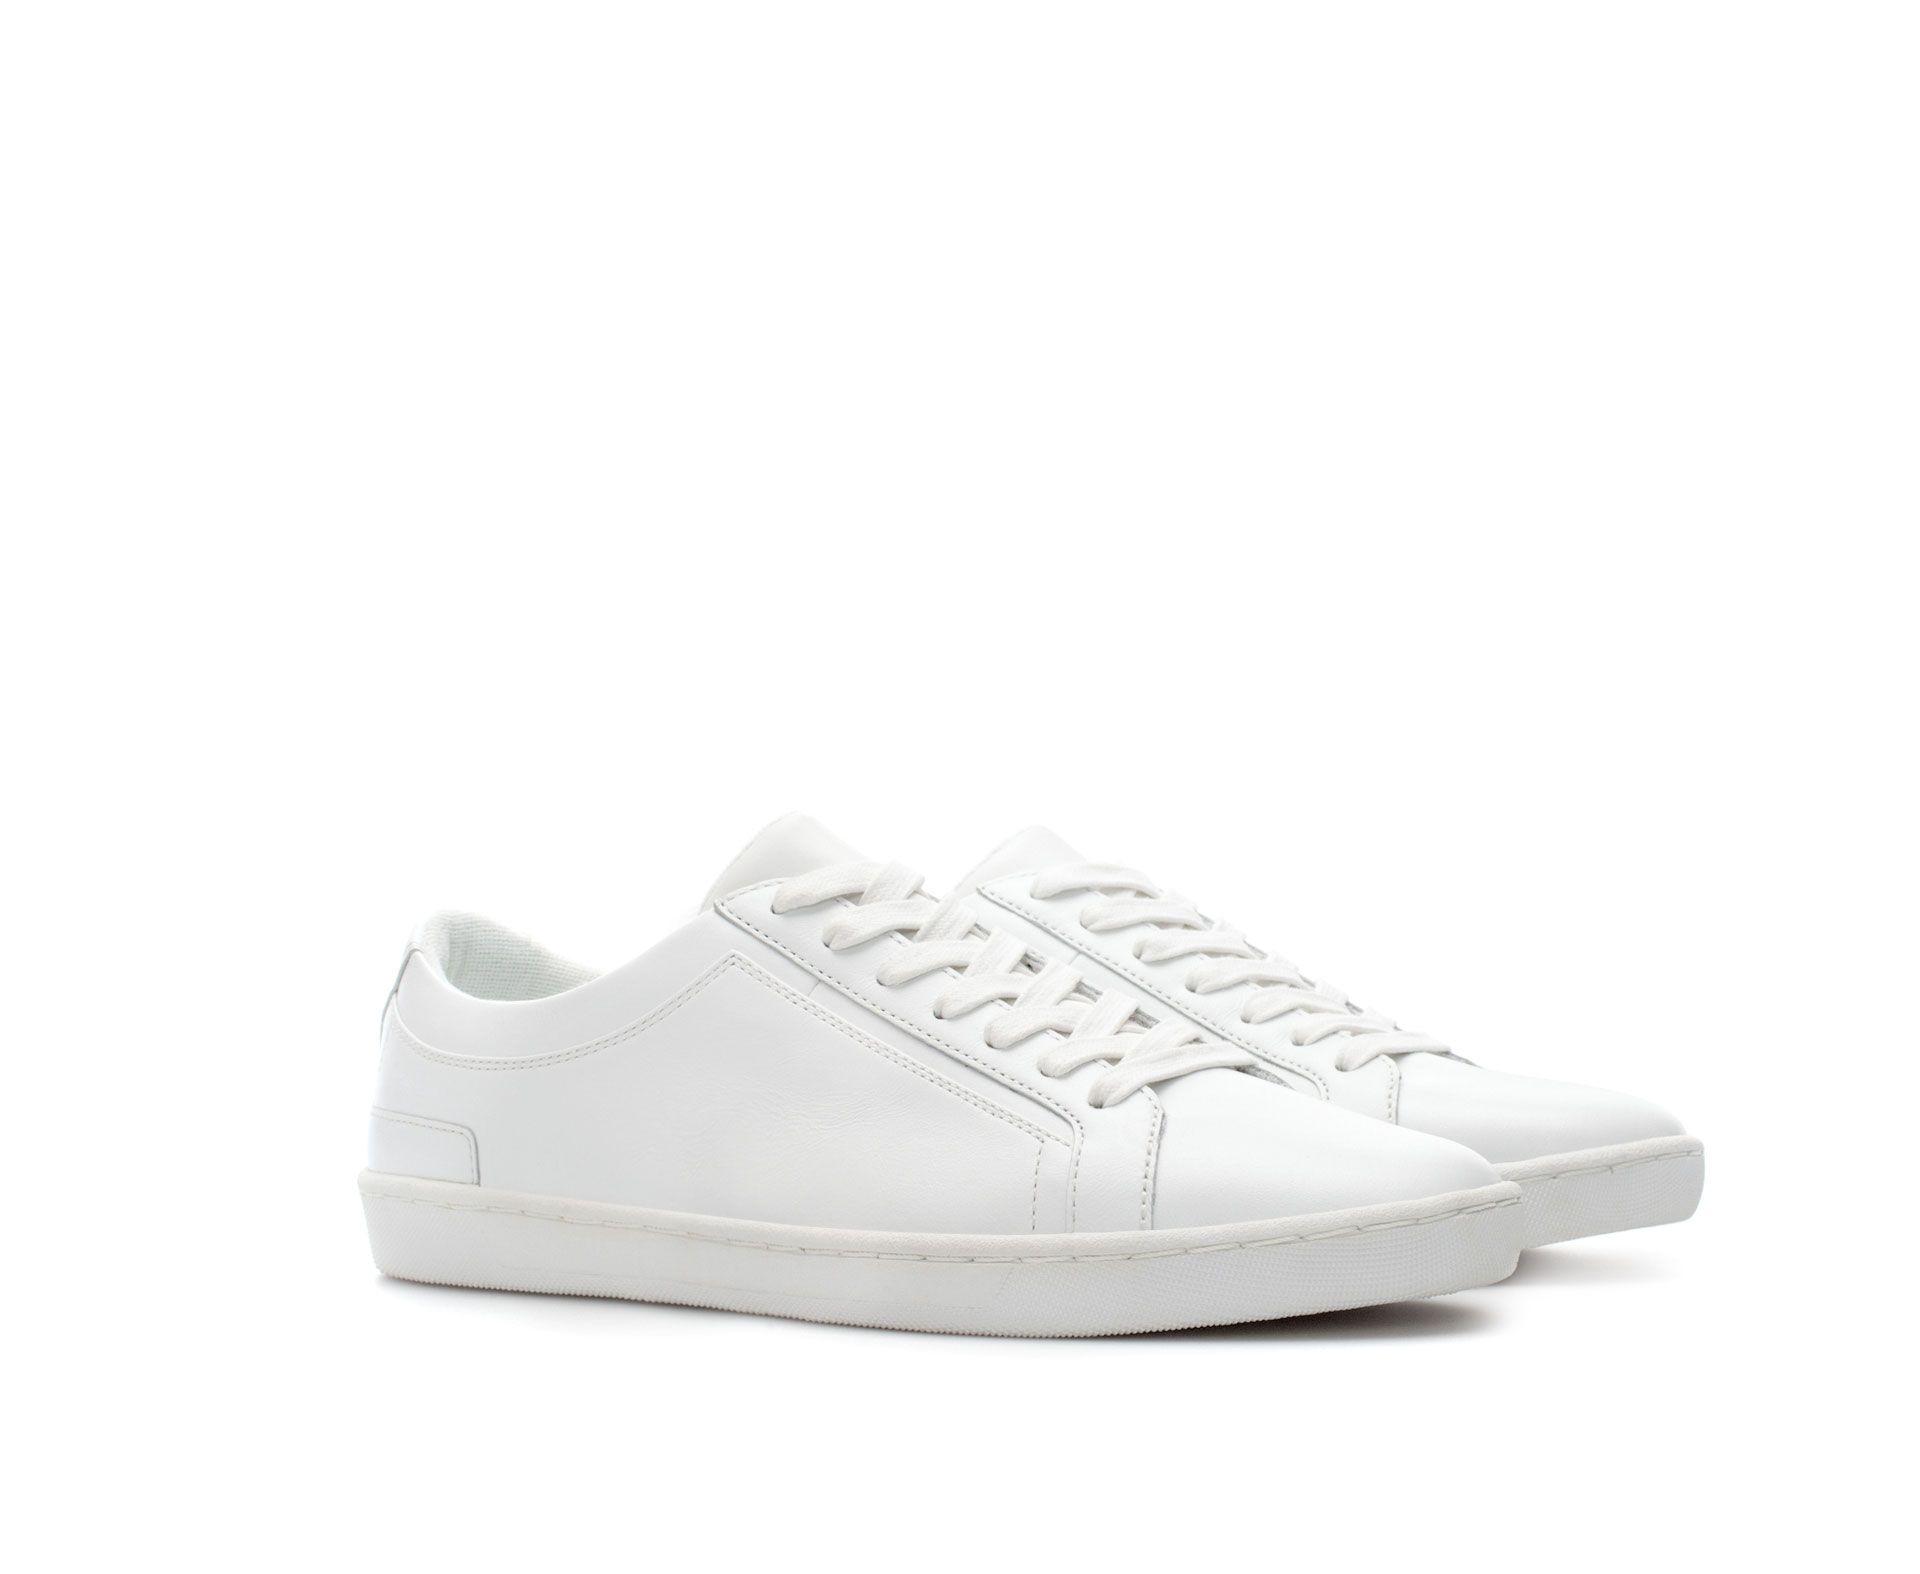 Leather Sneaker From Zara Damas